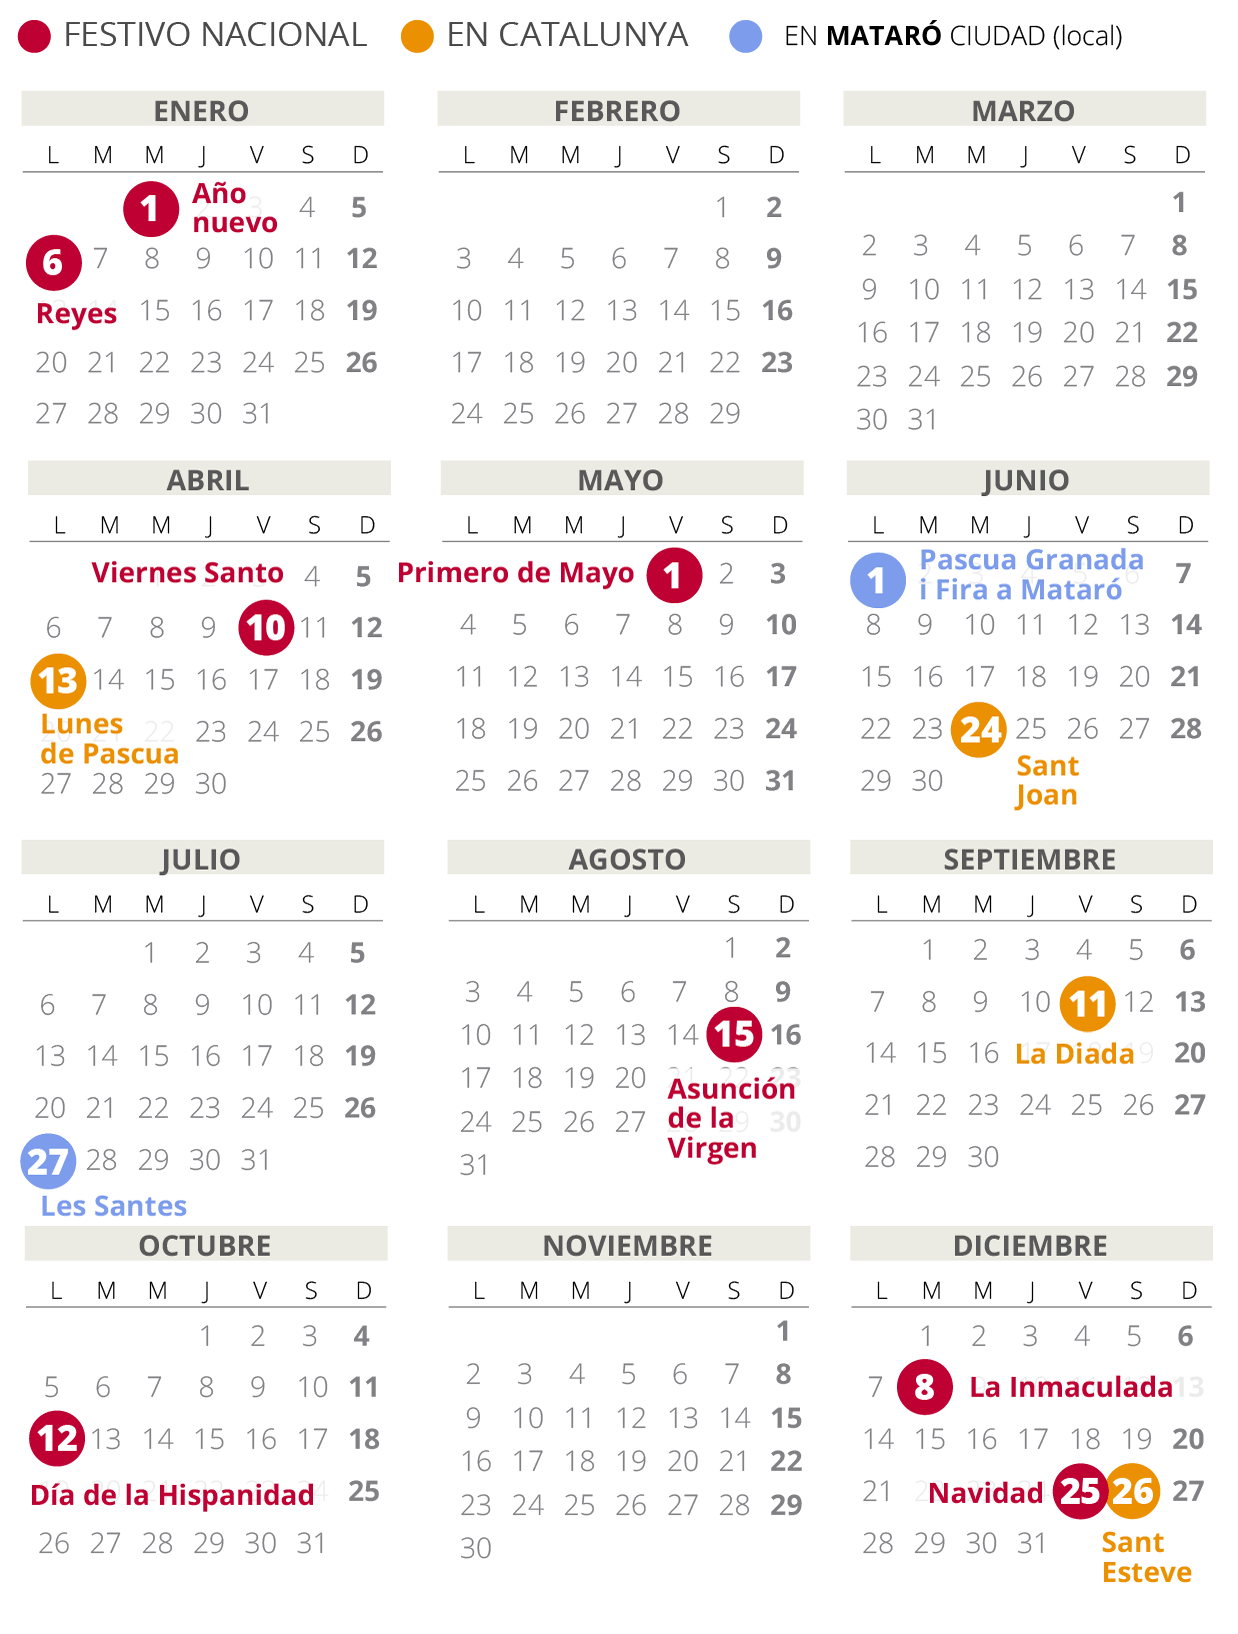 Calendari laboral de Mataró del 2020 (amb tots els dies festius)